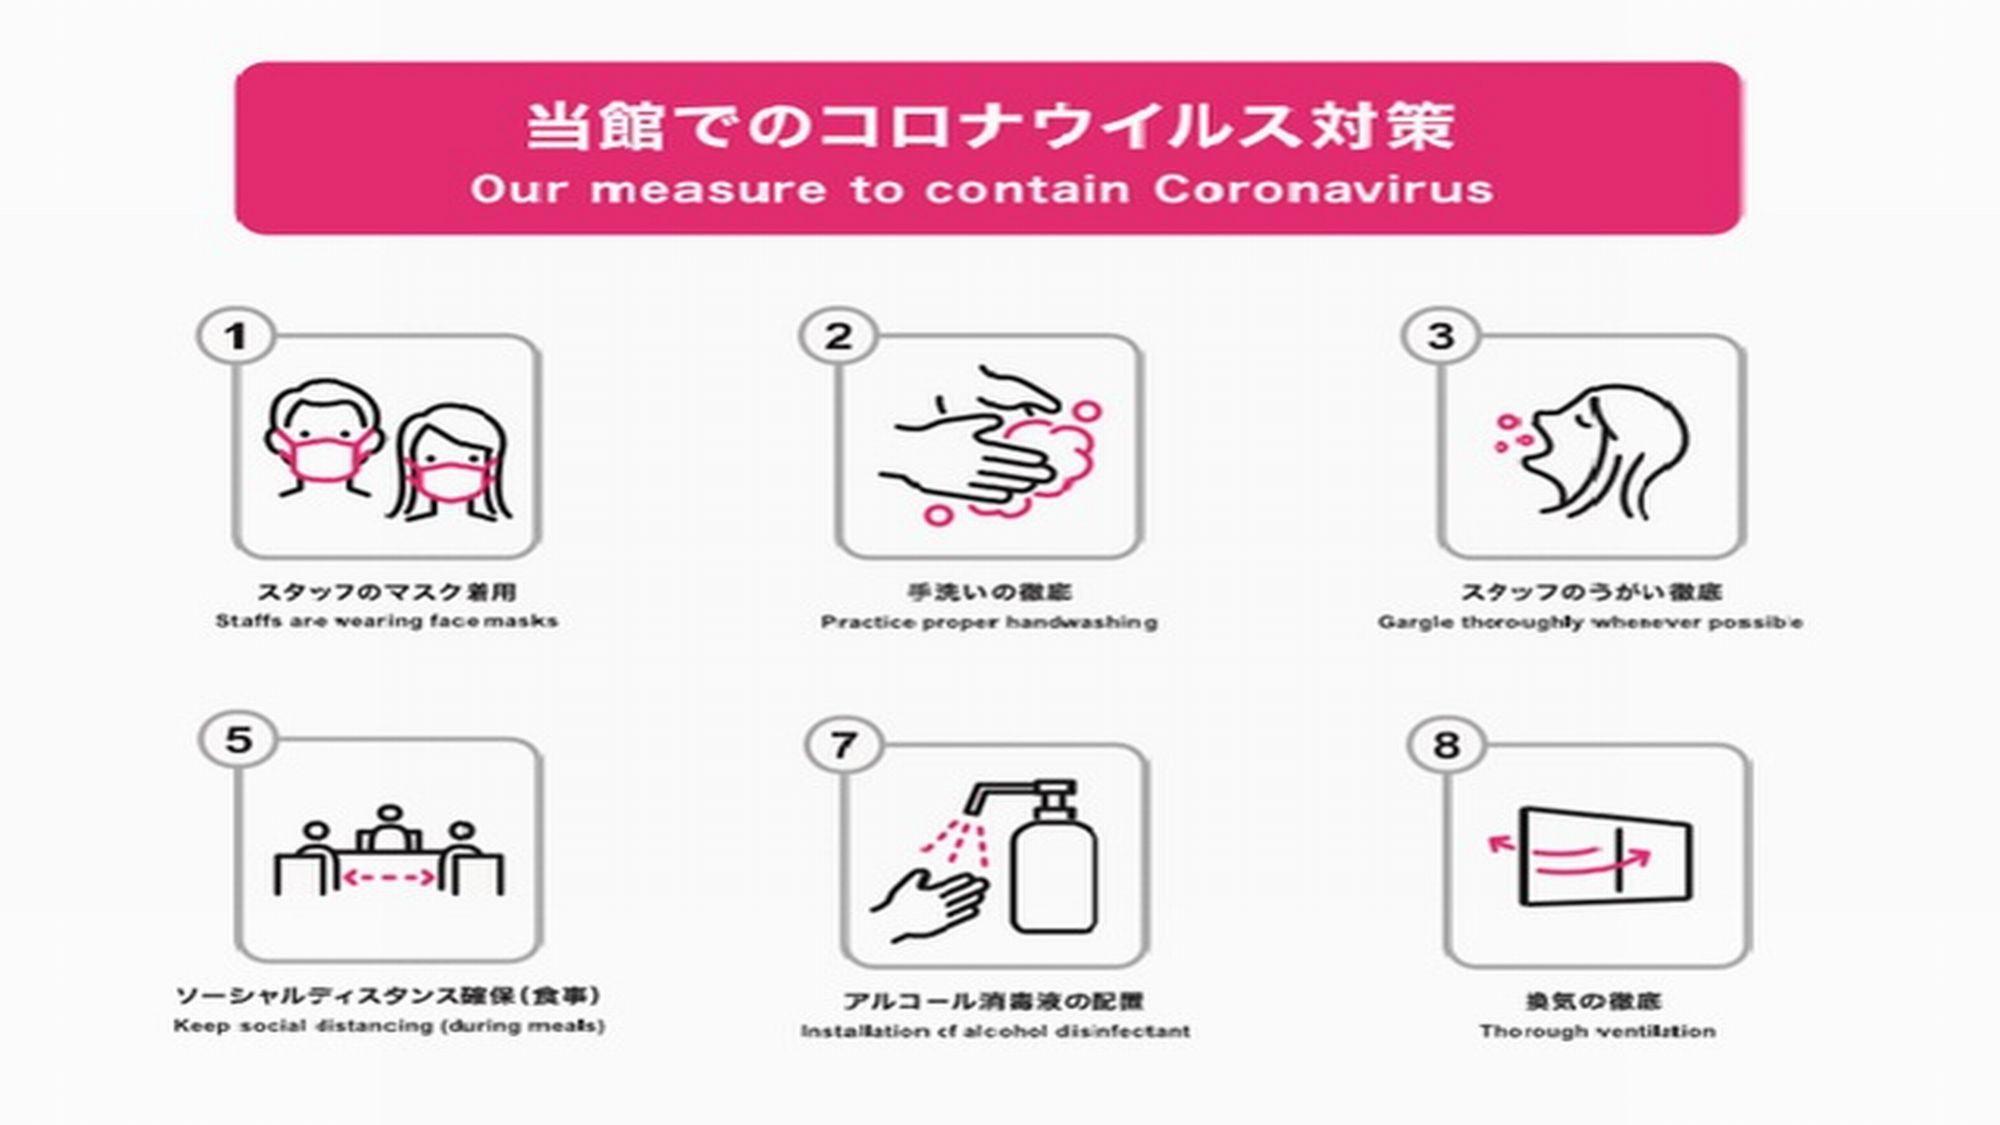 コロナウィルス感染拡大防止のため当館でも対策を行っております